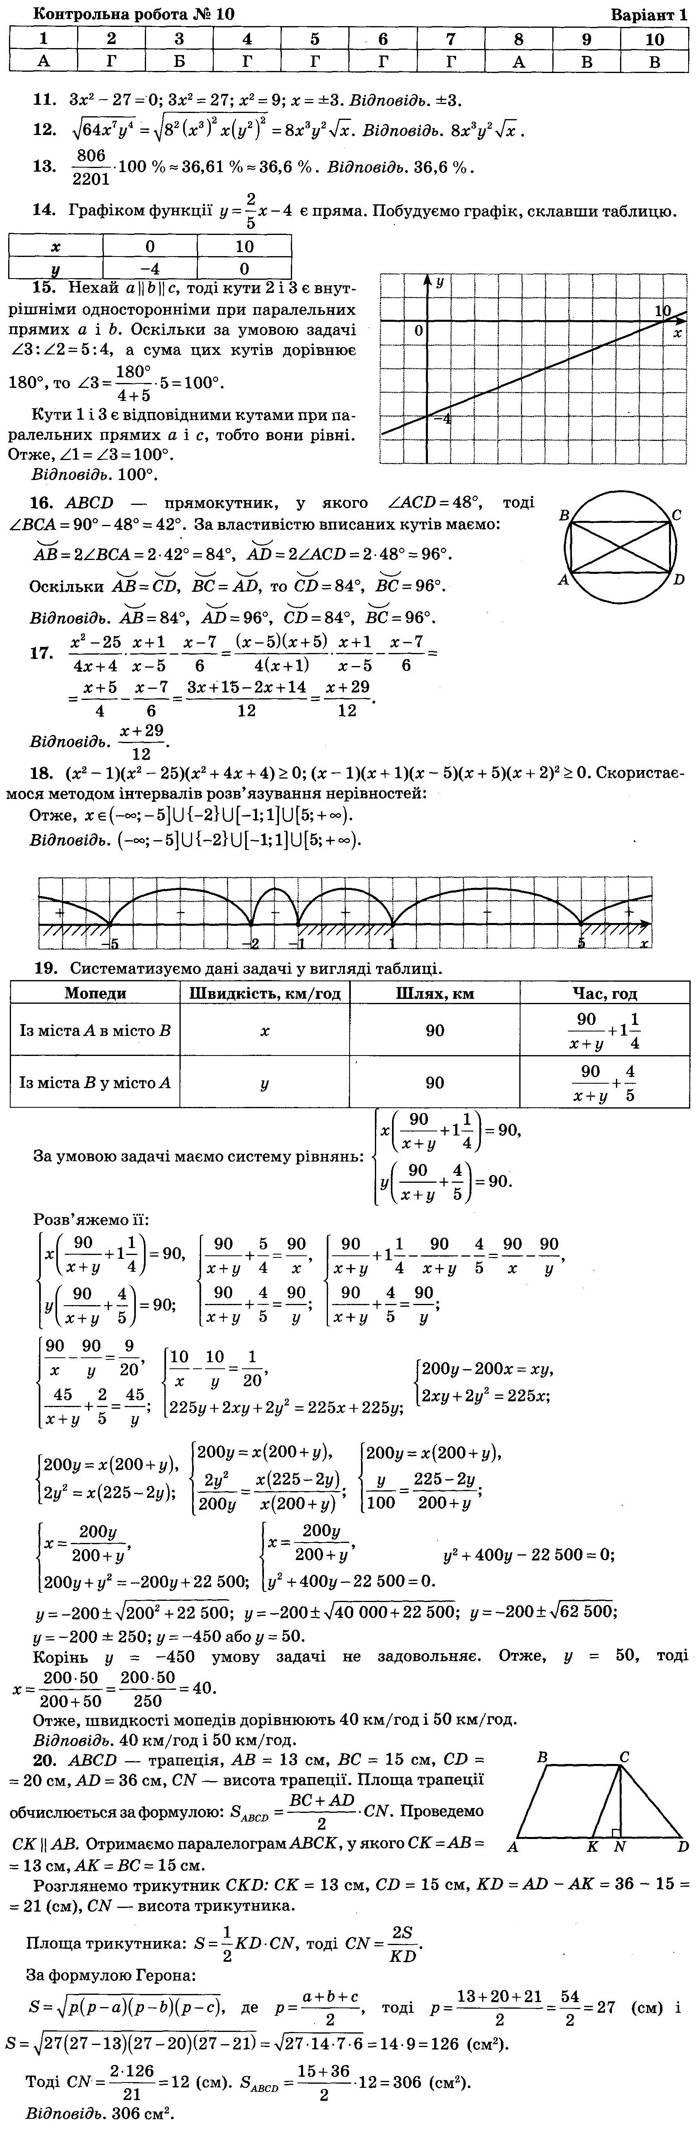 Відповіді до контрольної роботи 10 варіант 1 посібника ДПА-2018 9 клас Математика Бевз Збірник завдань